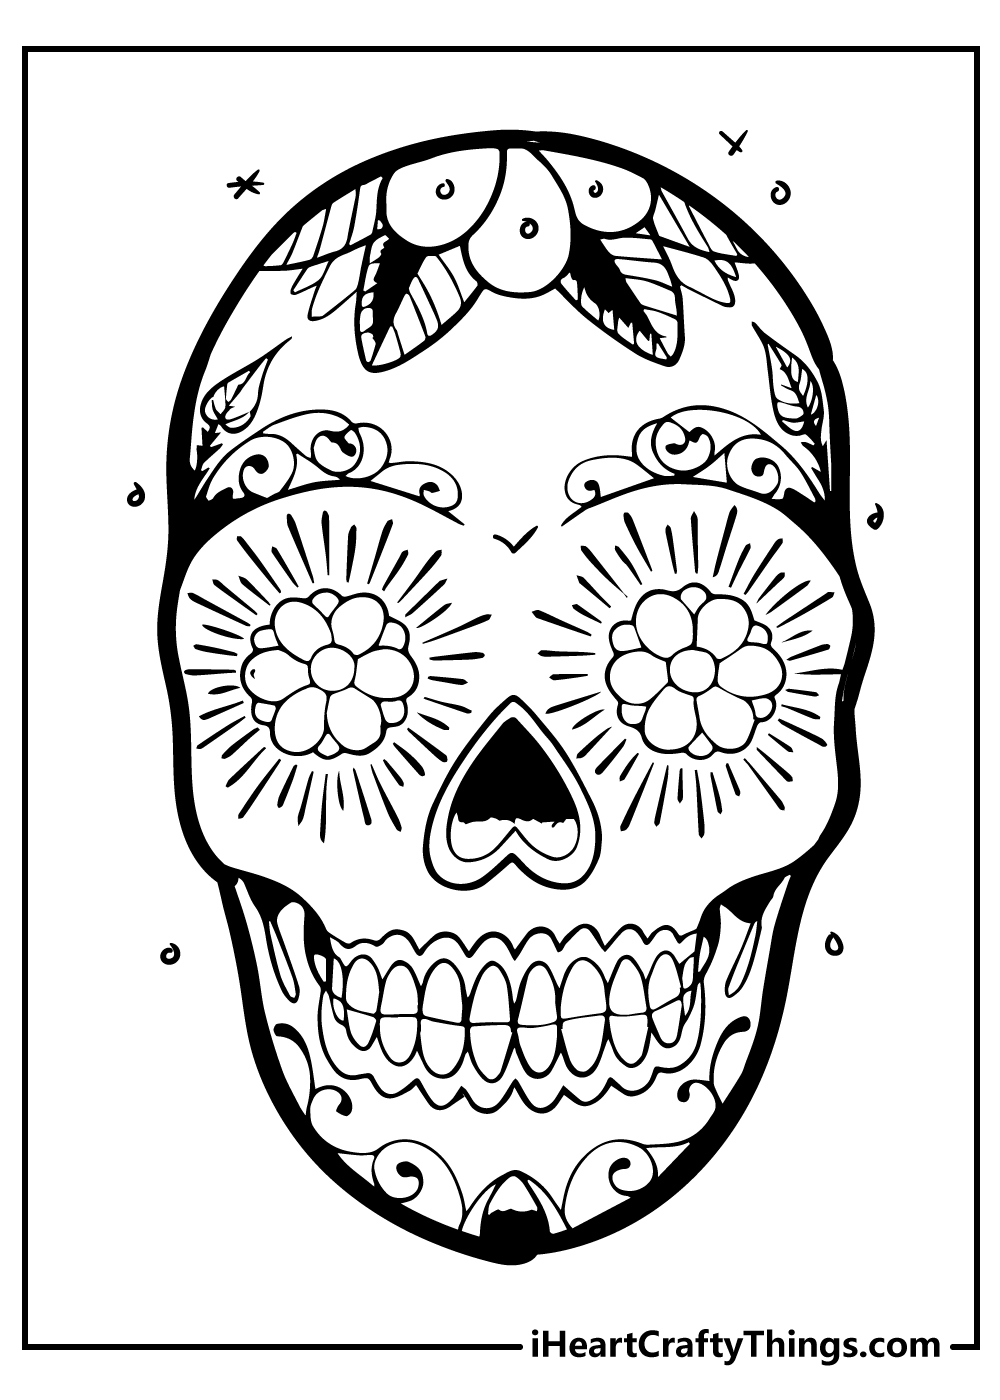 free printable sugar skull coloring sheets